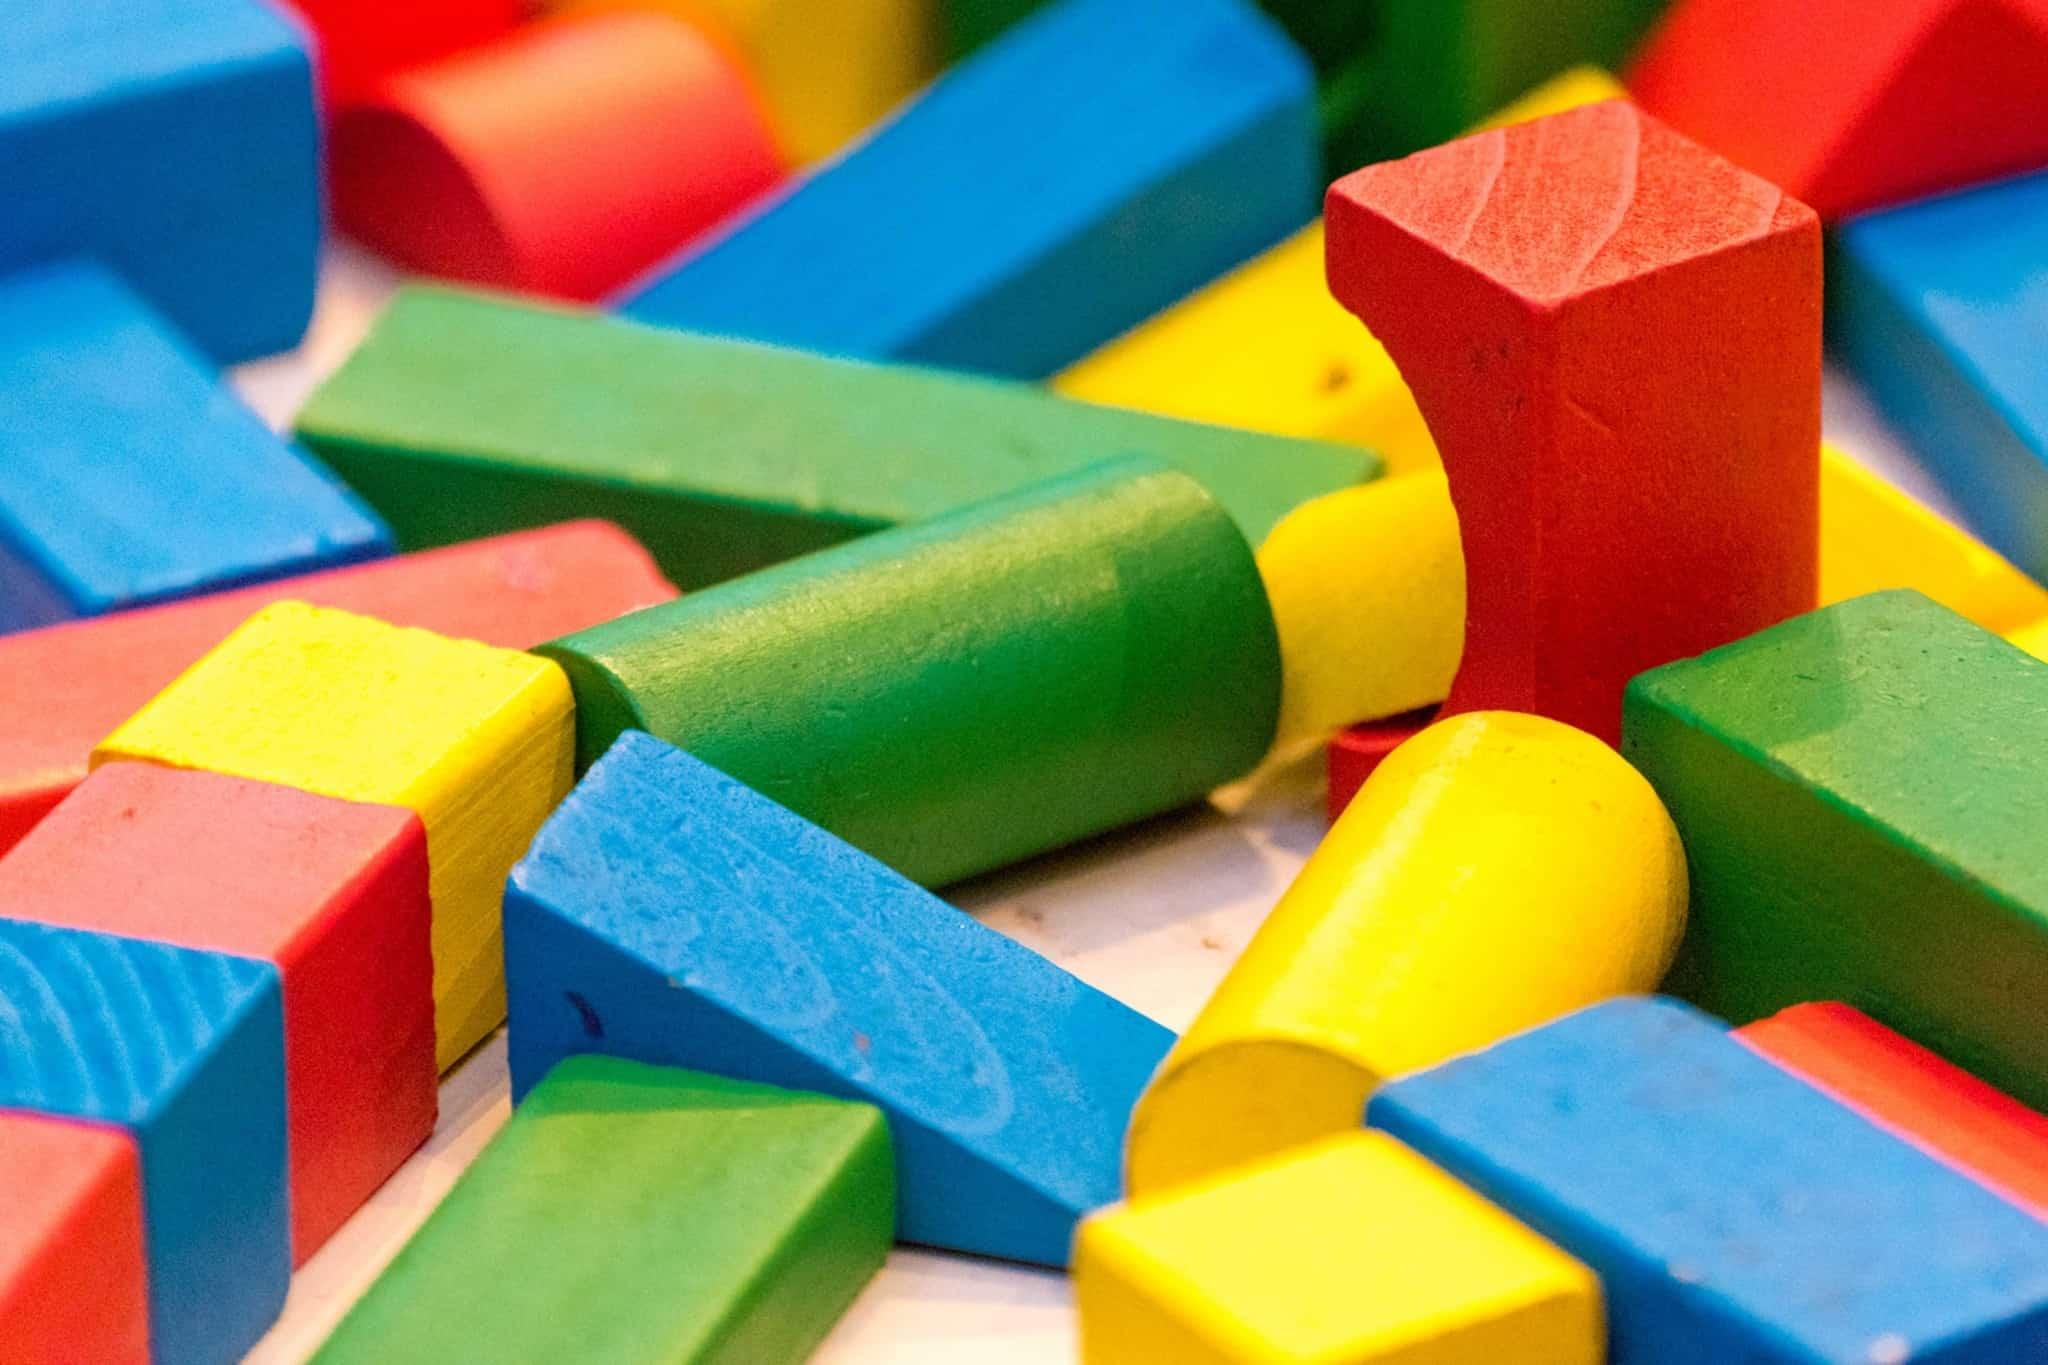 jogos de madeira_crianças